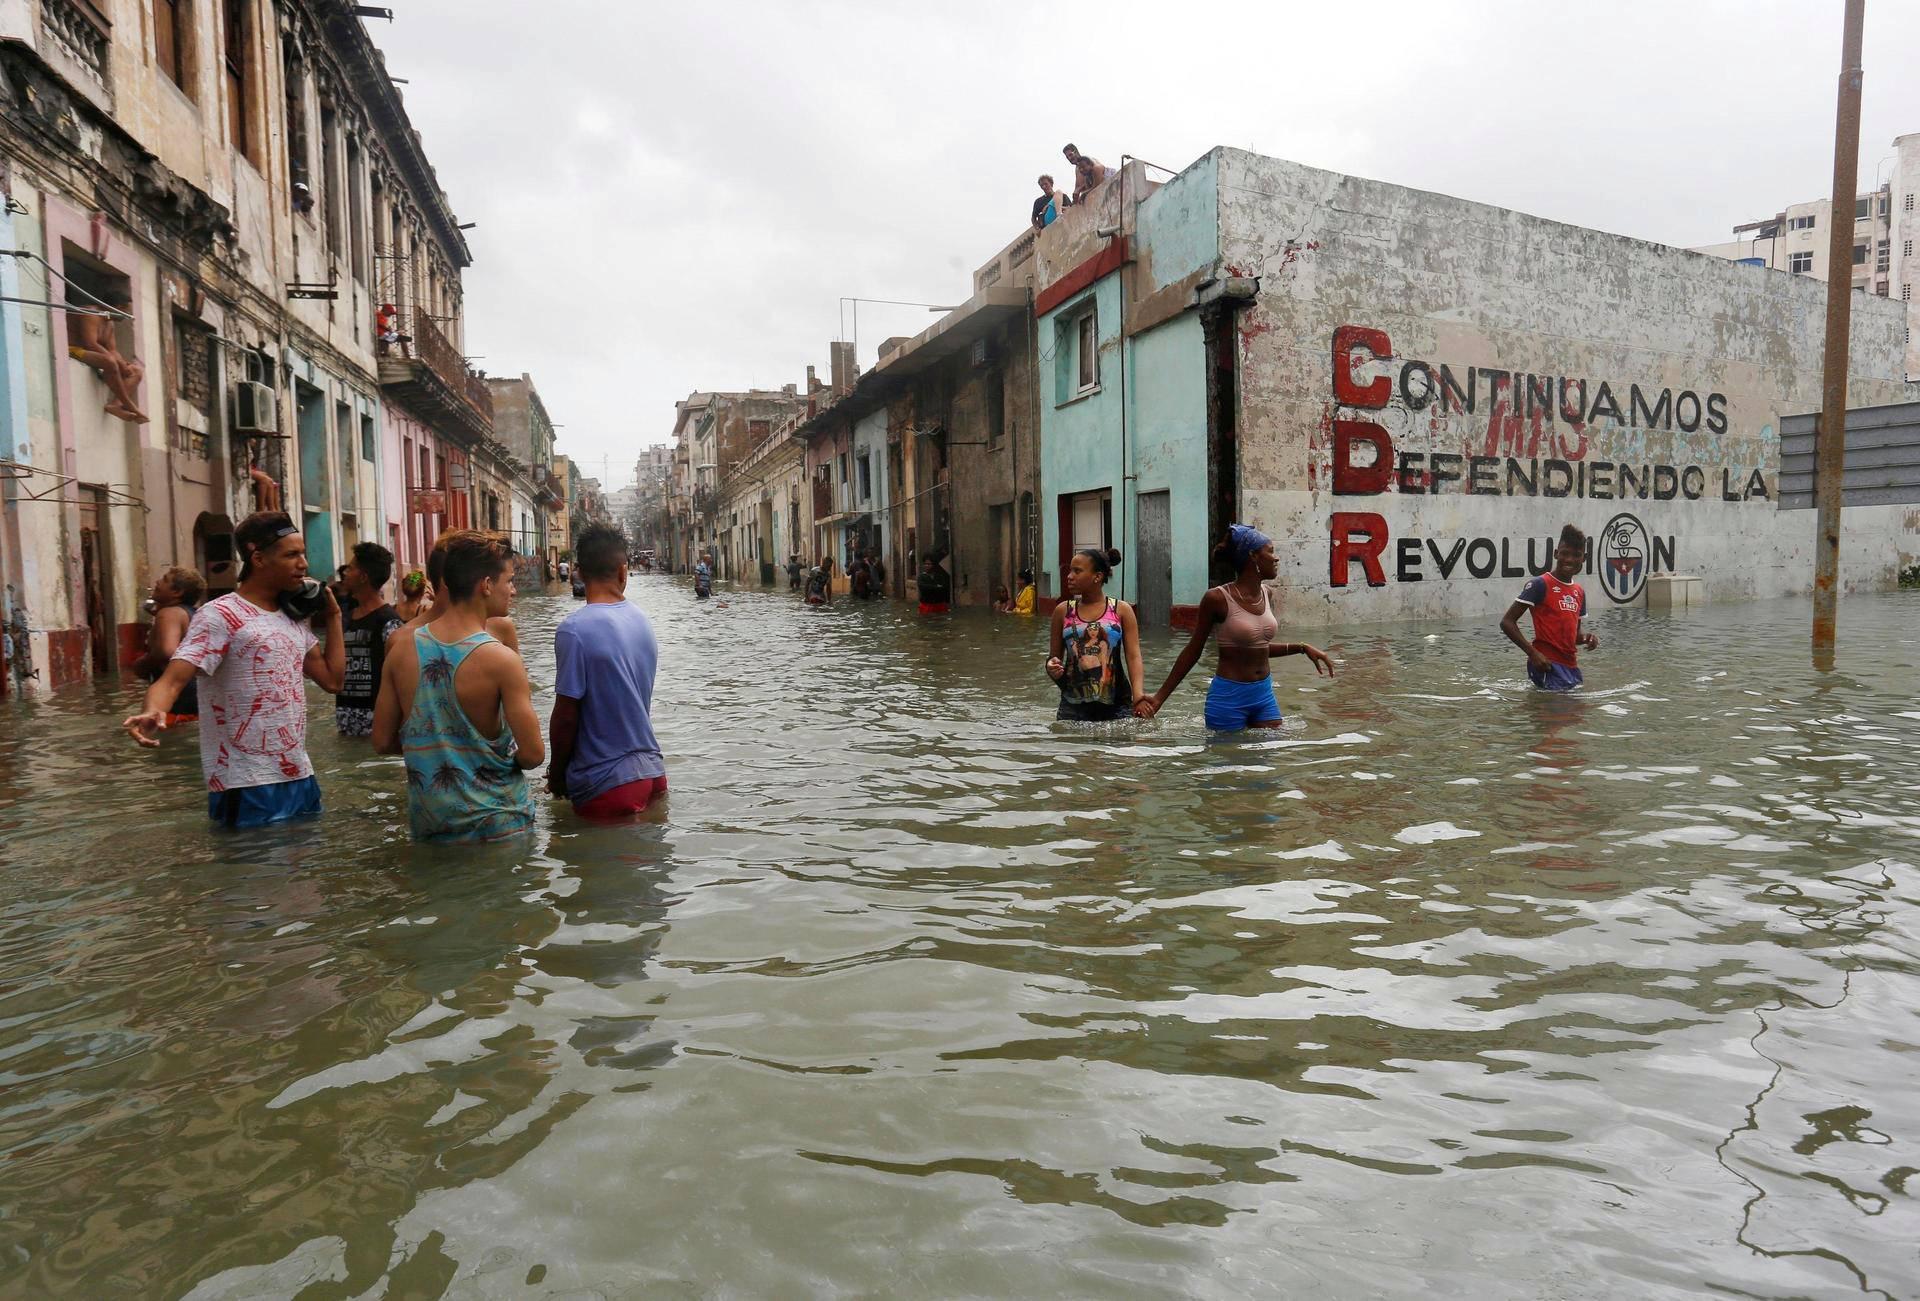 Asukkaat yrittivät edetä vyötärön syvyisessä tulvavedessä Havannan kaduilla sunnuntaina.